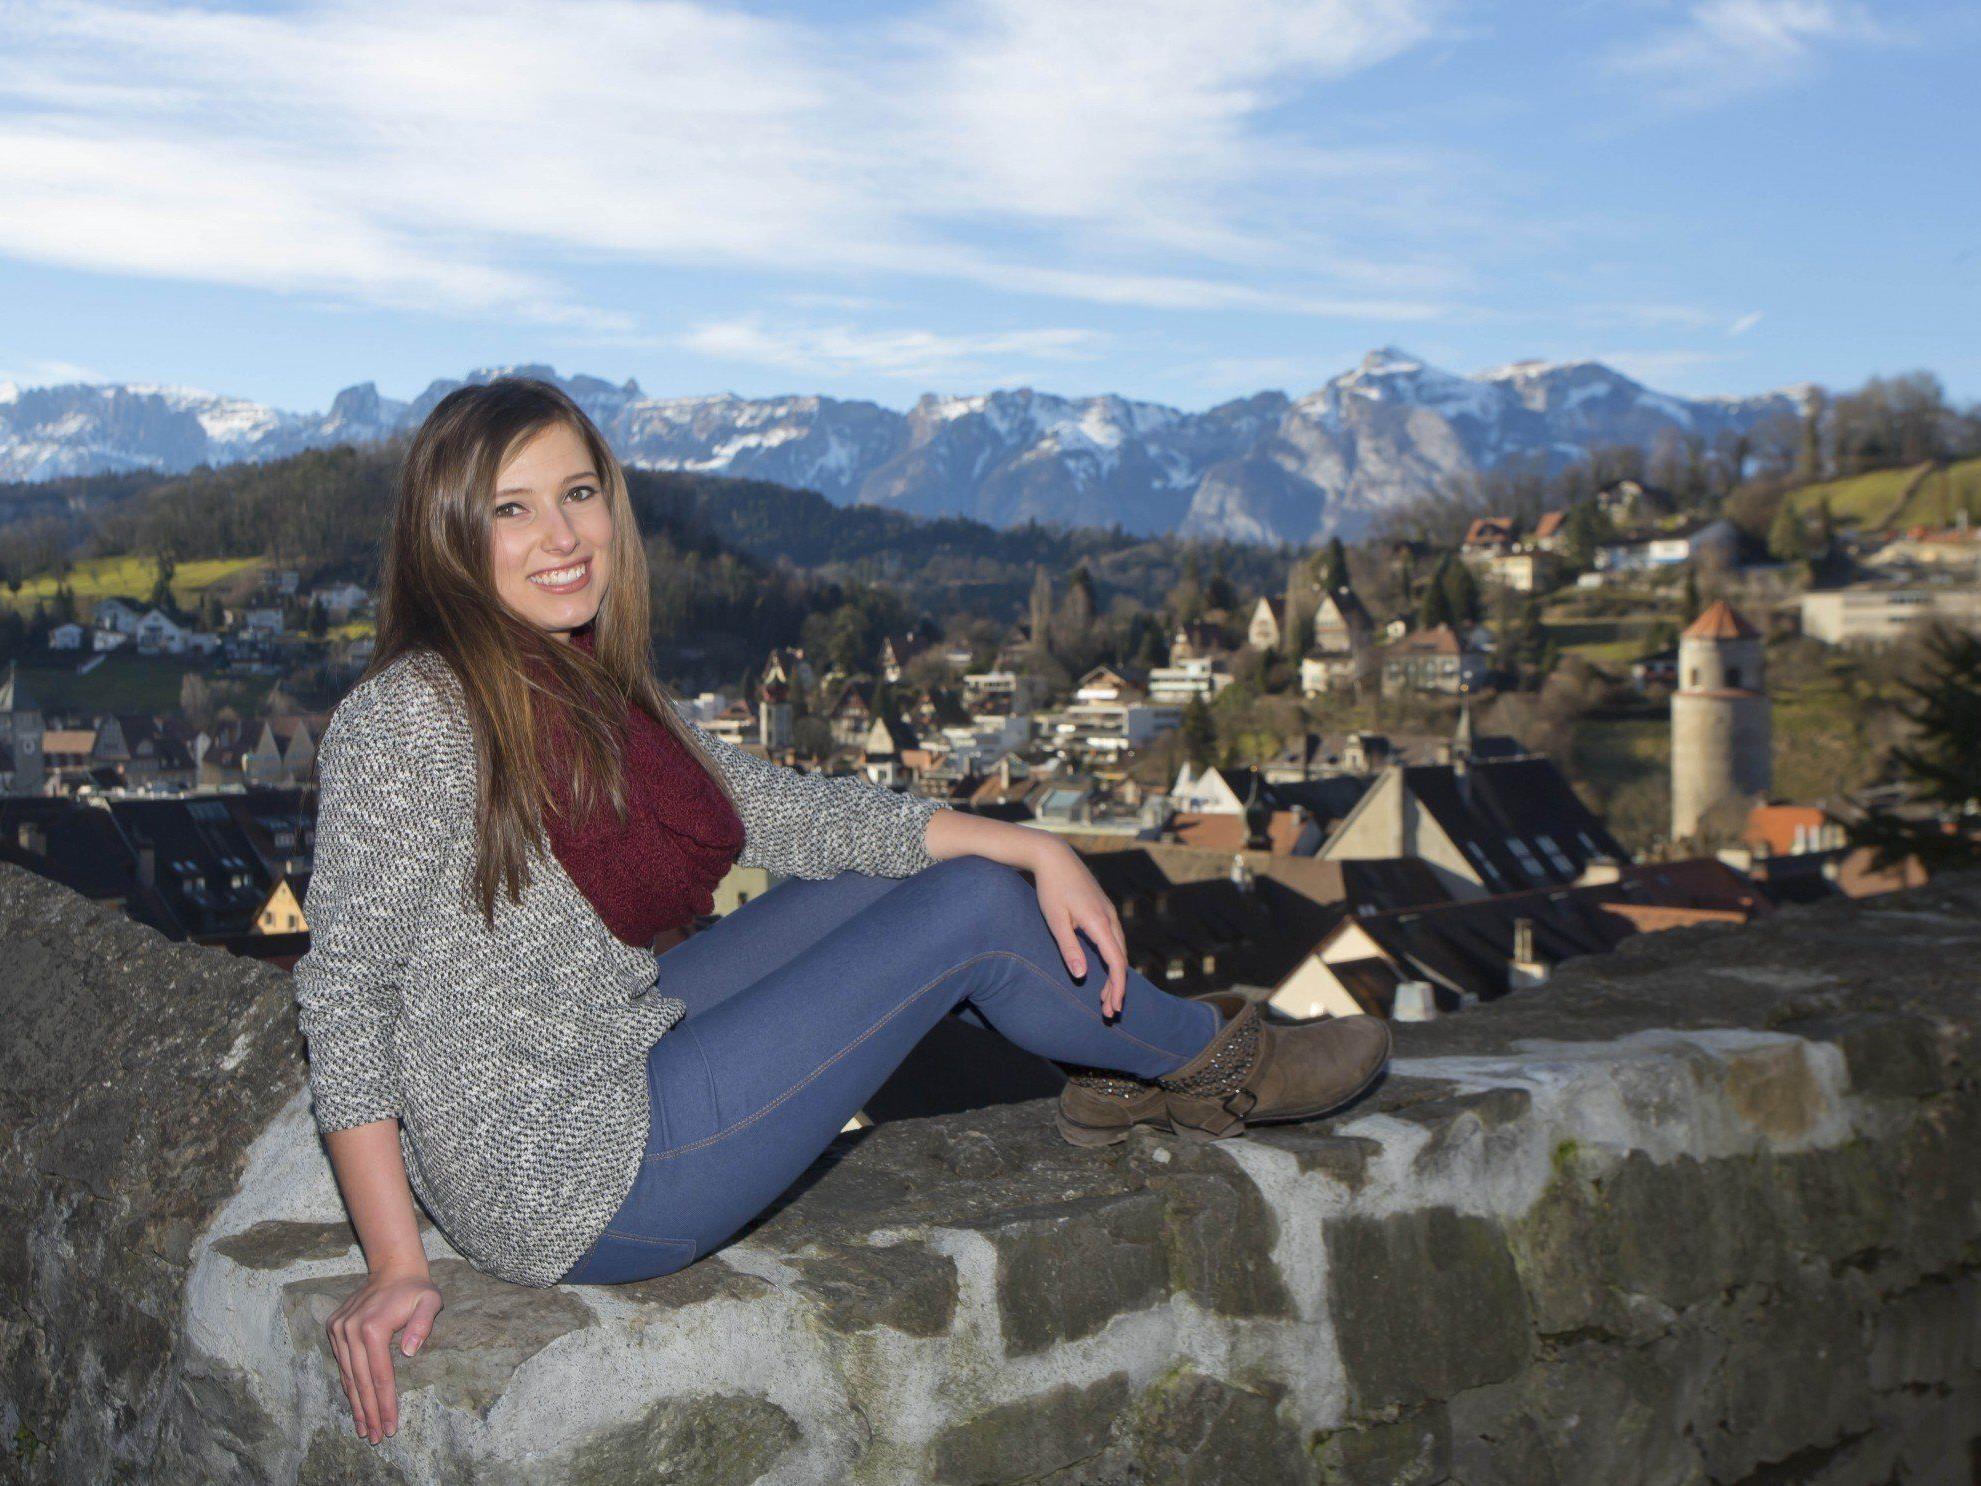 JEssica genießt das frühlingshafte Wetter von der Schattenburg in Feldkirch aus.